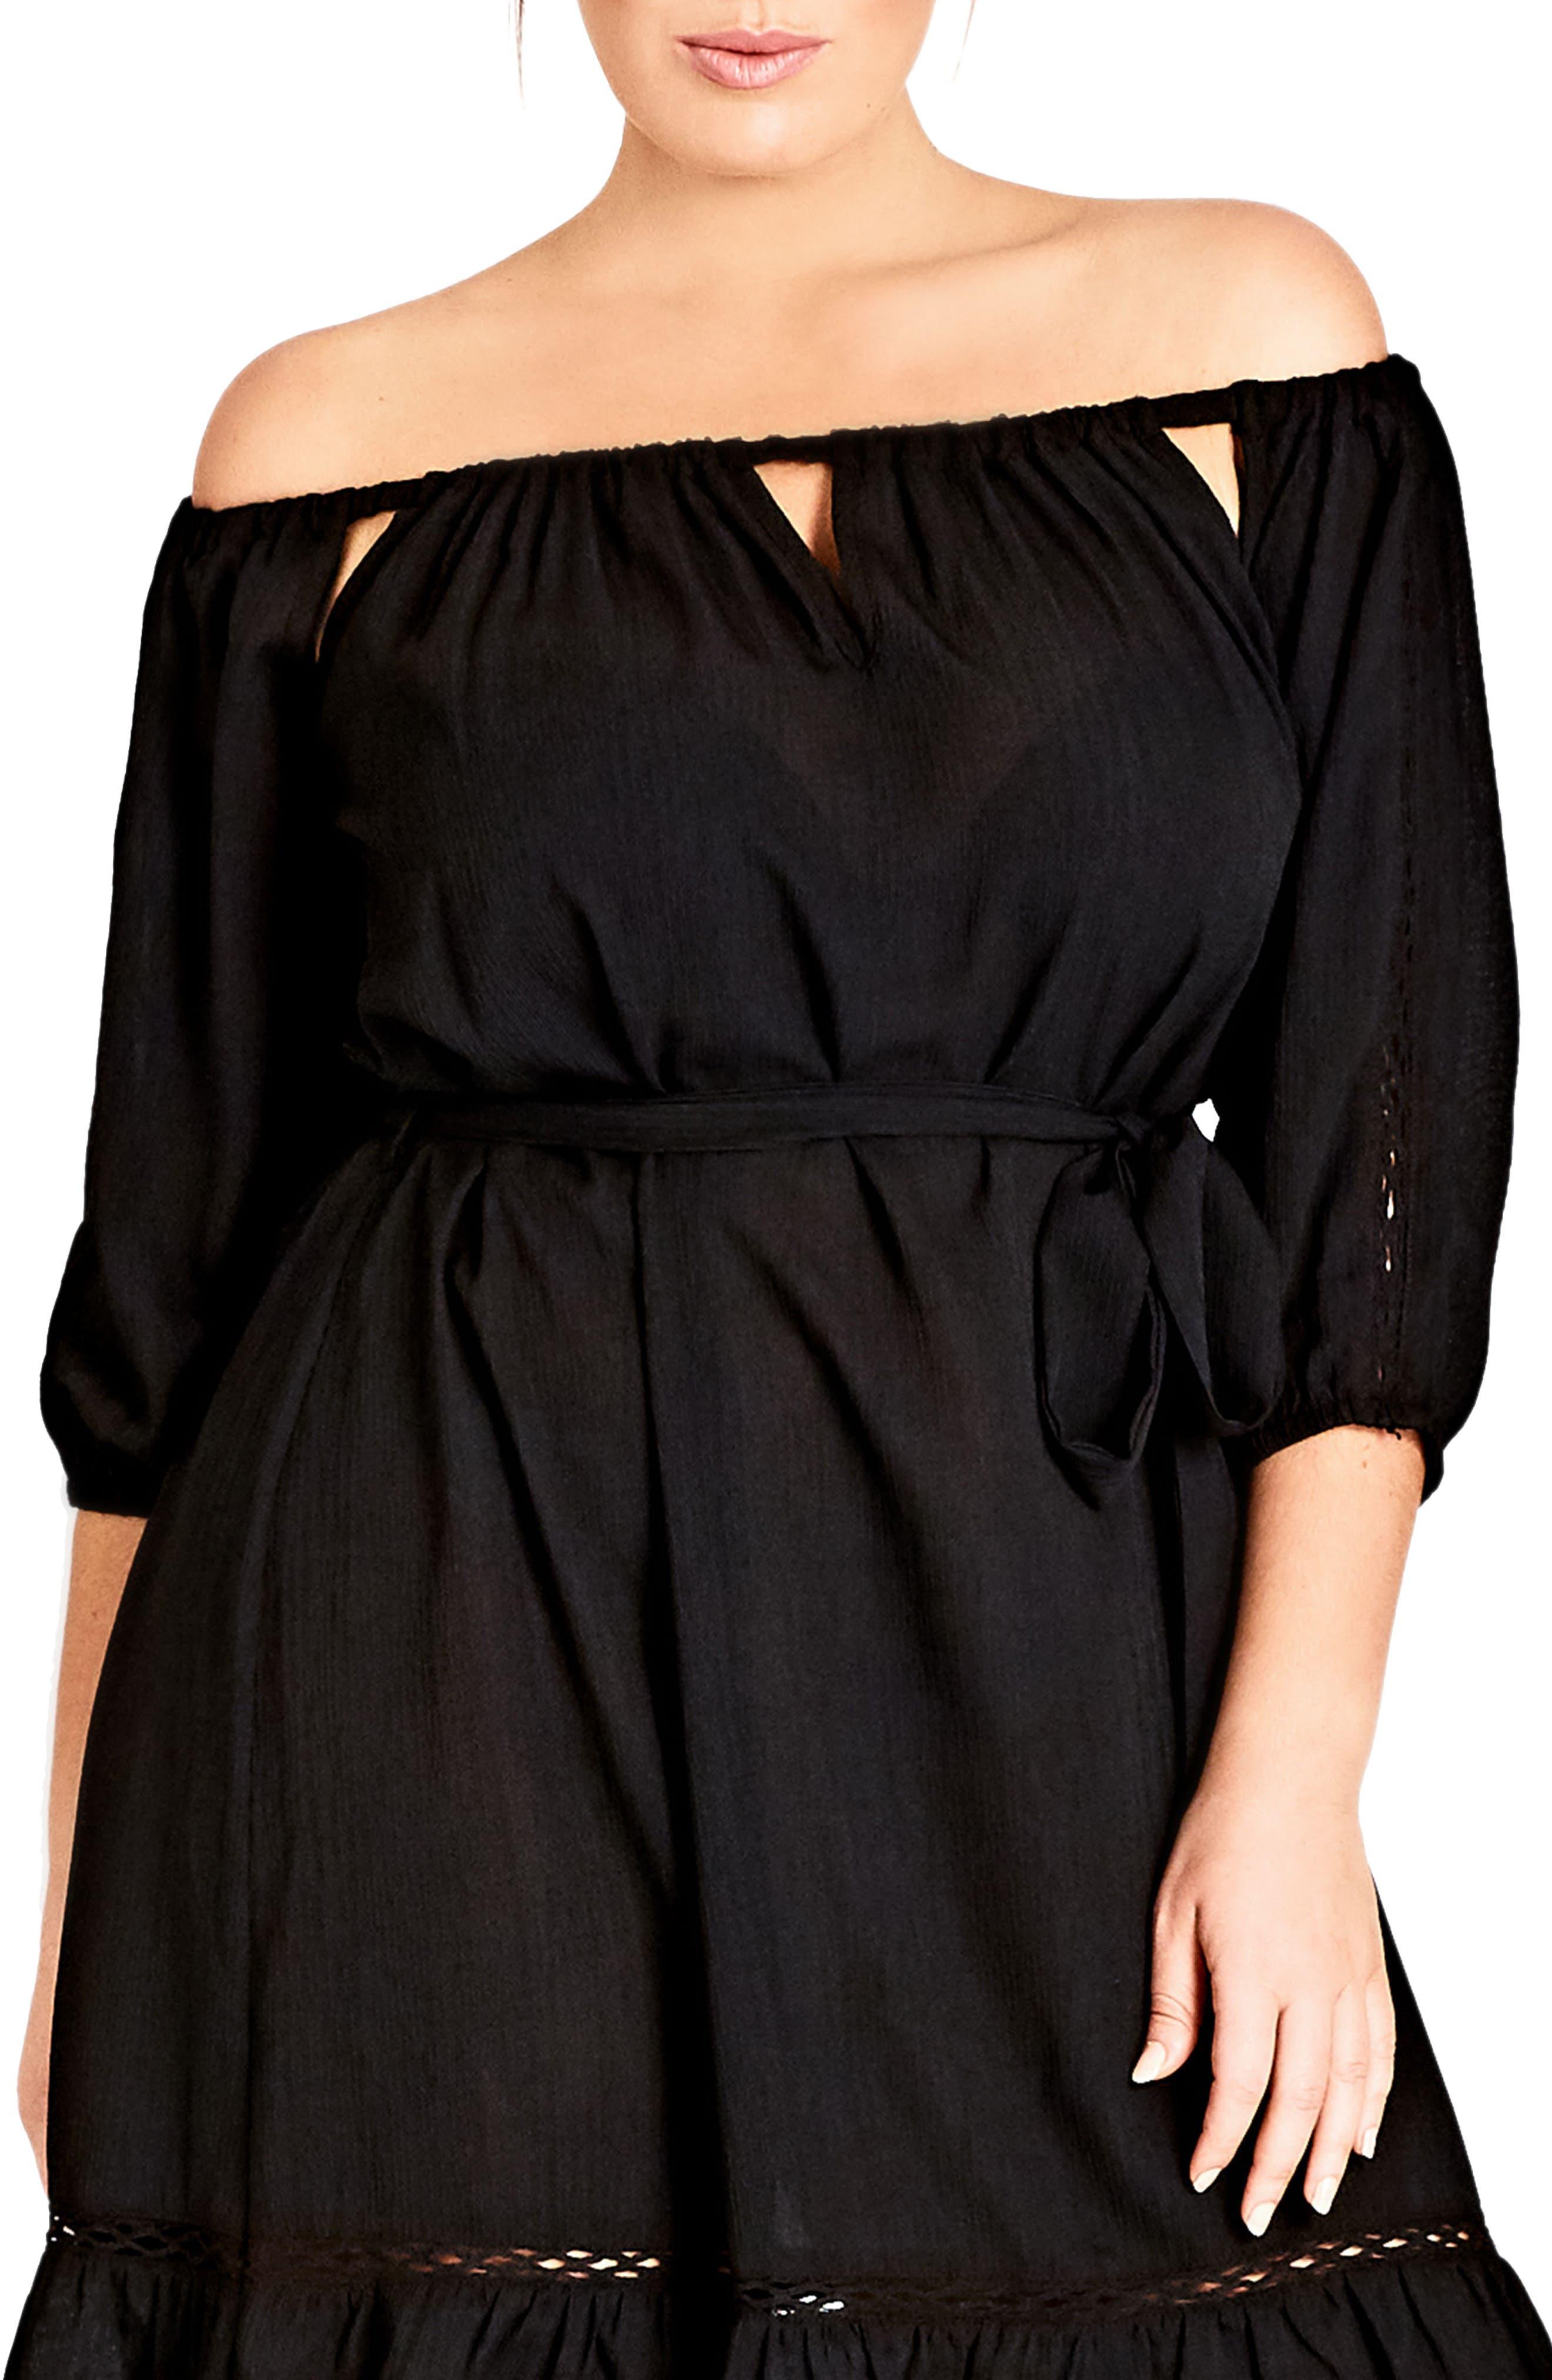 Darling Diva Off the Shoulder Dress,                         Main,                         color, Black